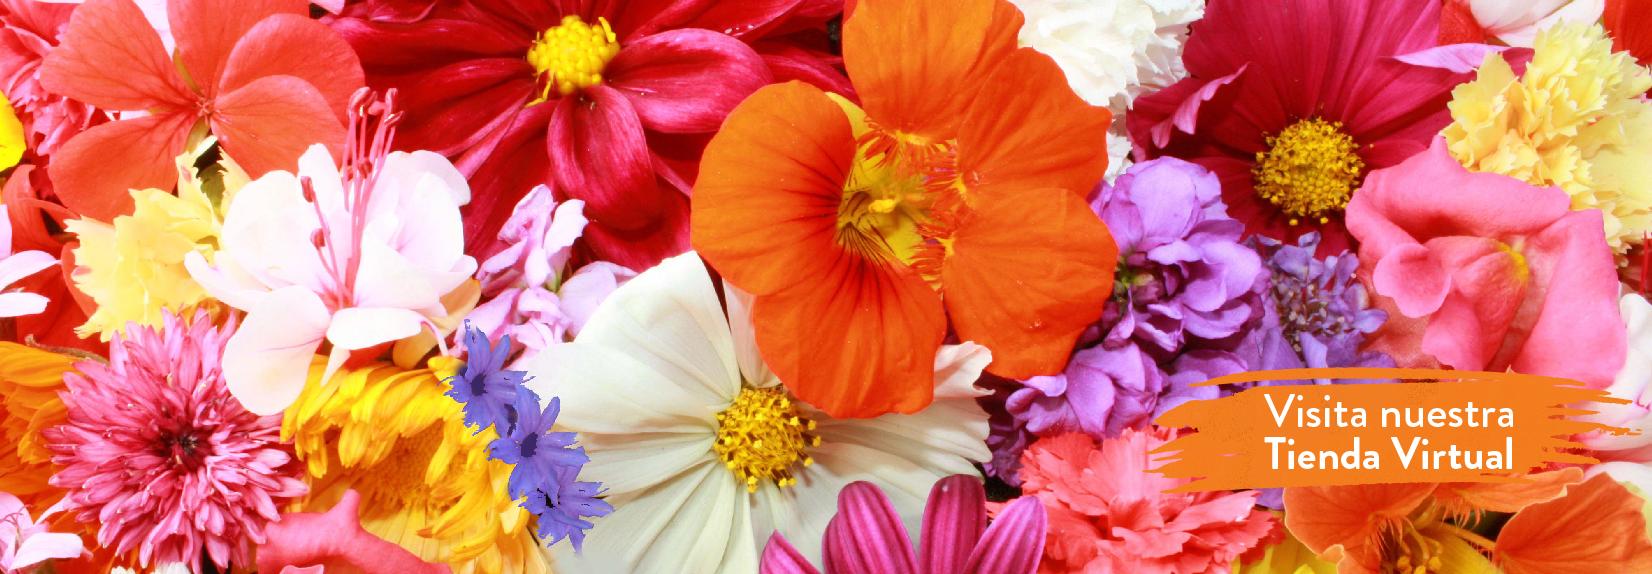 Página Web - Día de la madre 2-03